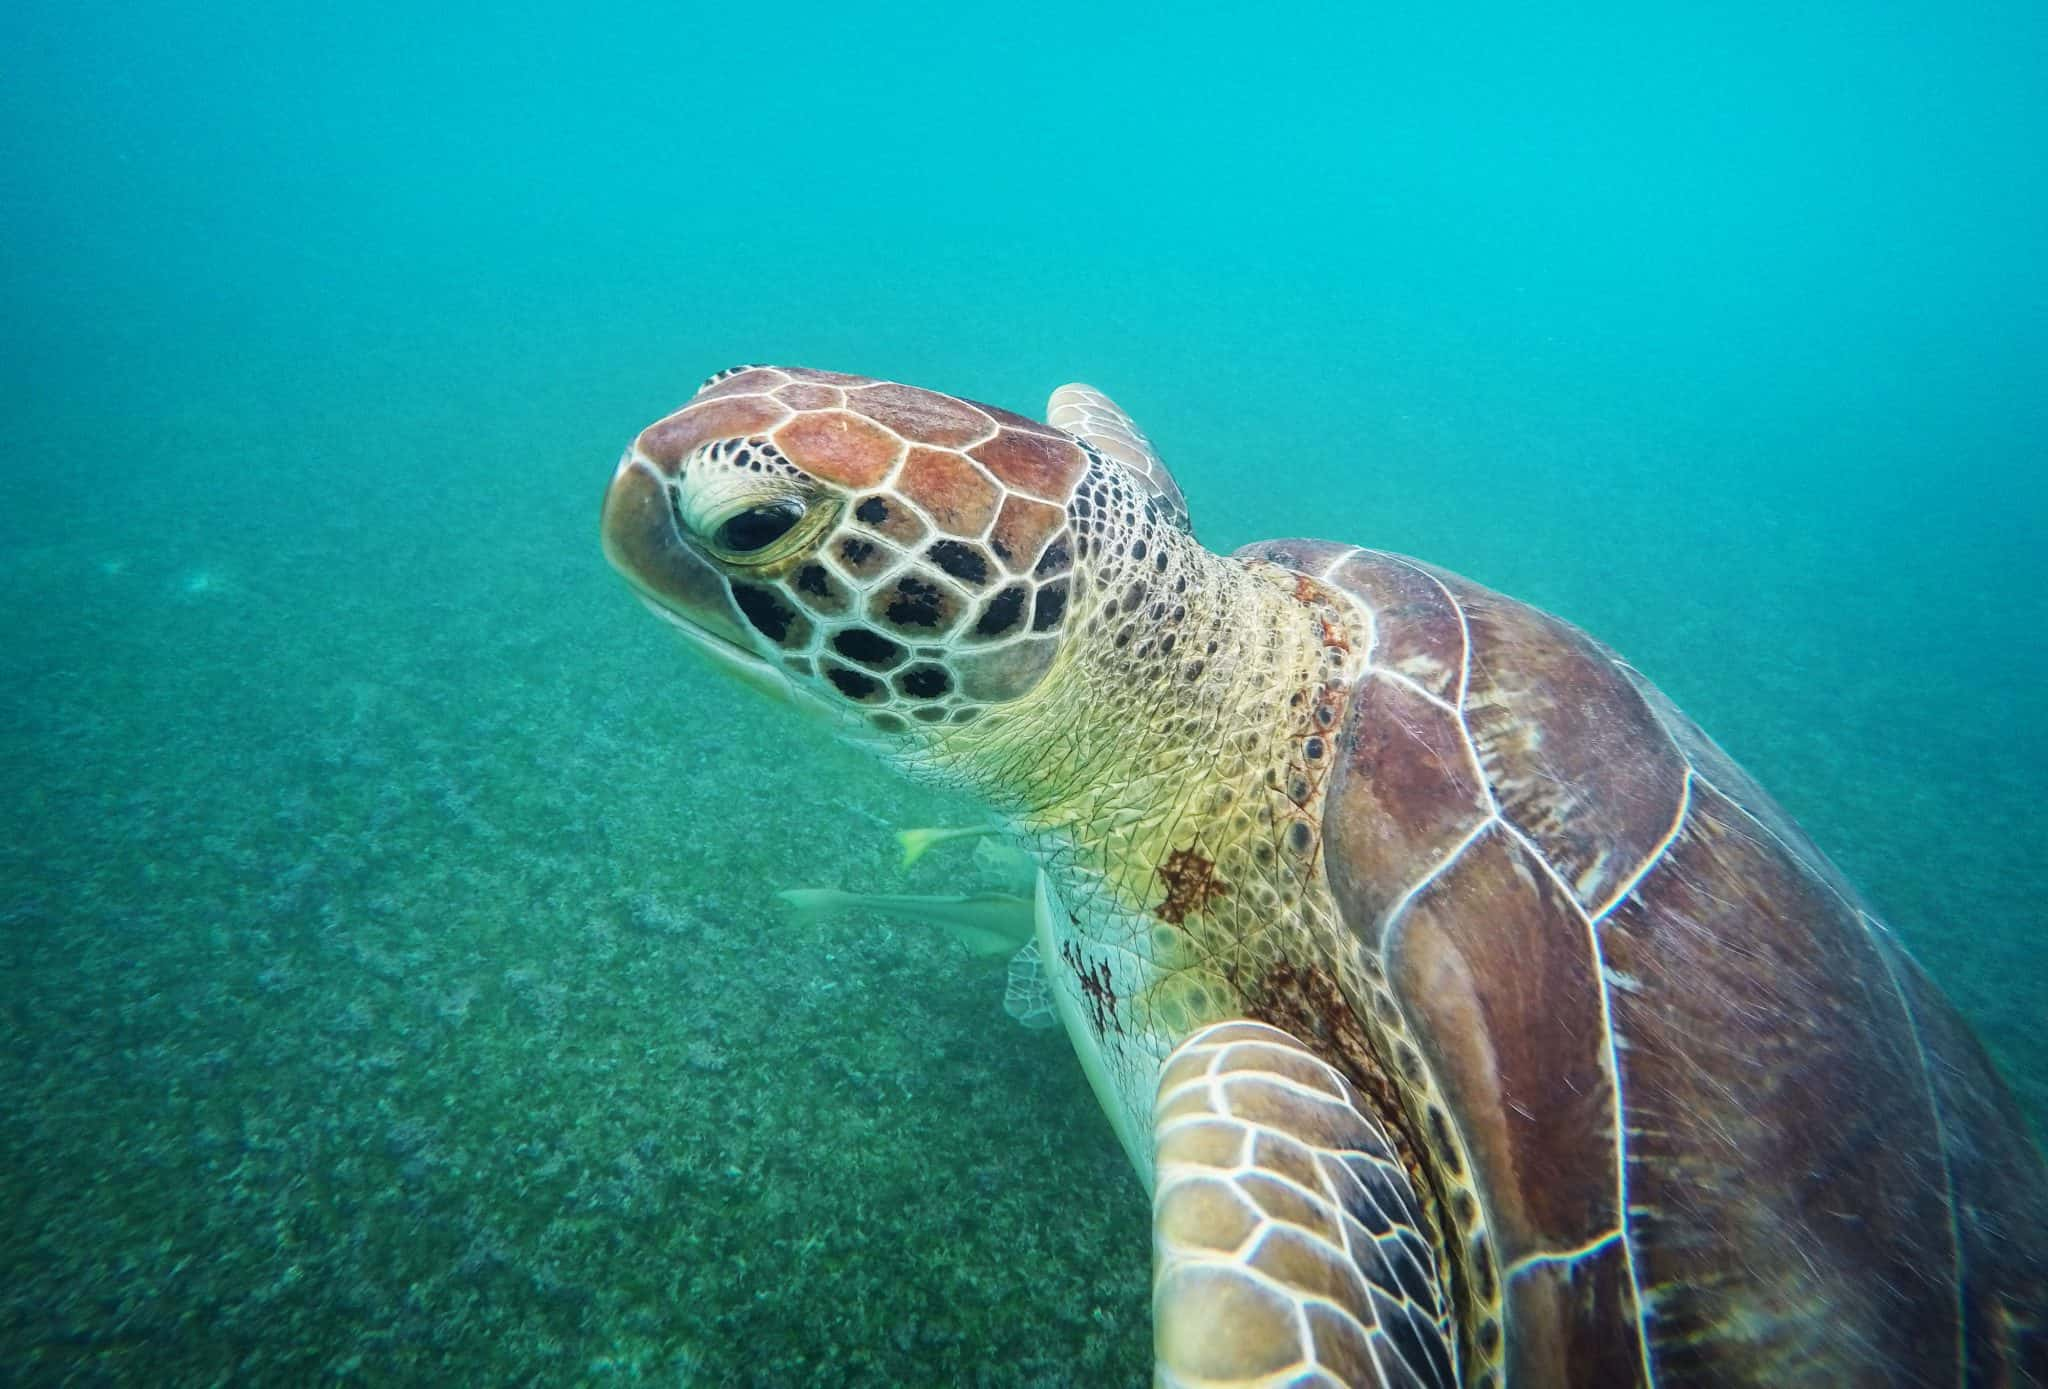 Uma belíssima tartaruga no mar de Akumal